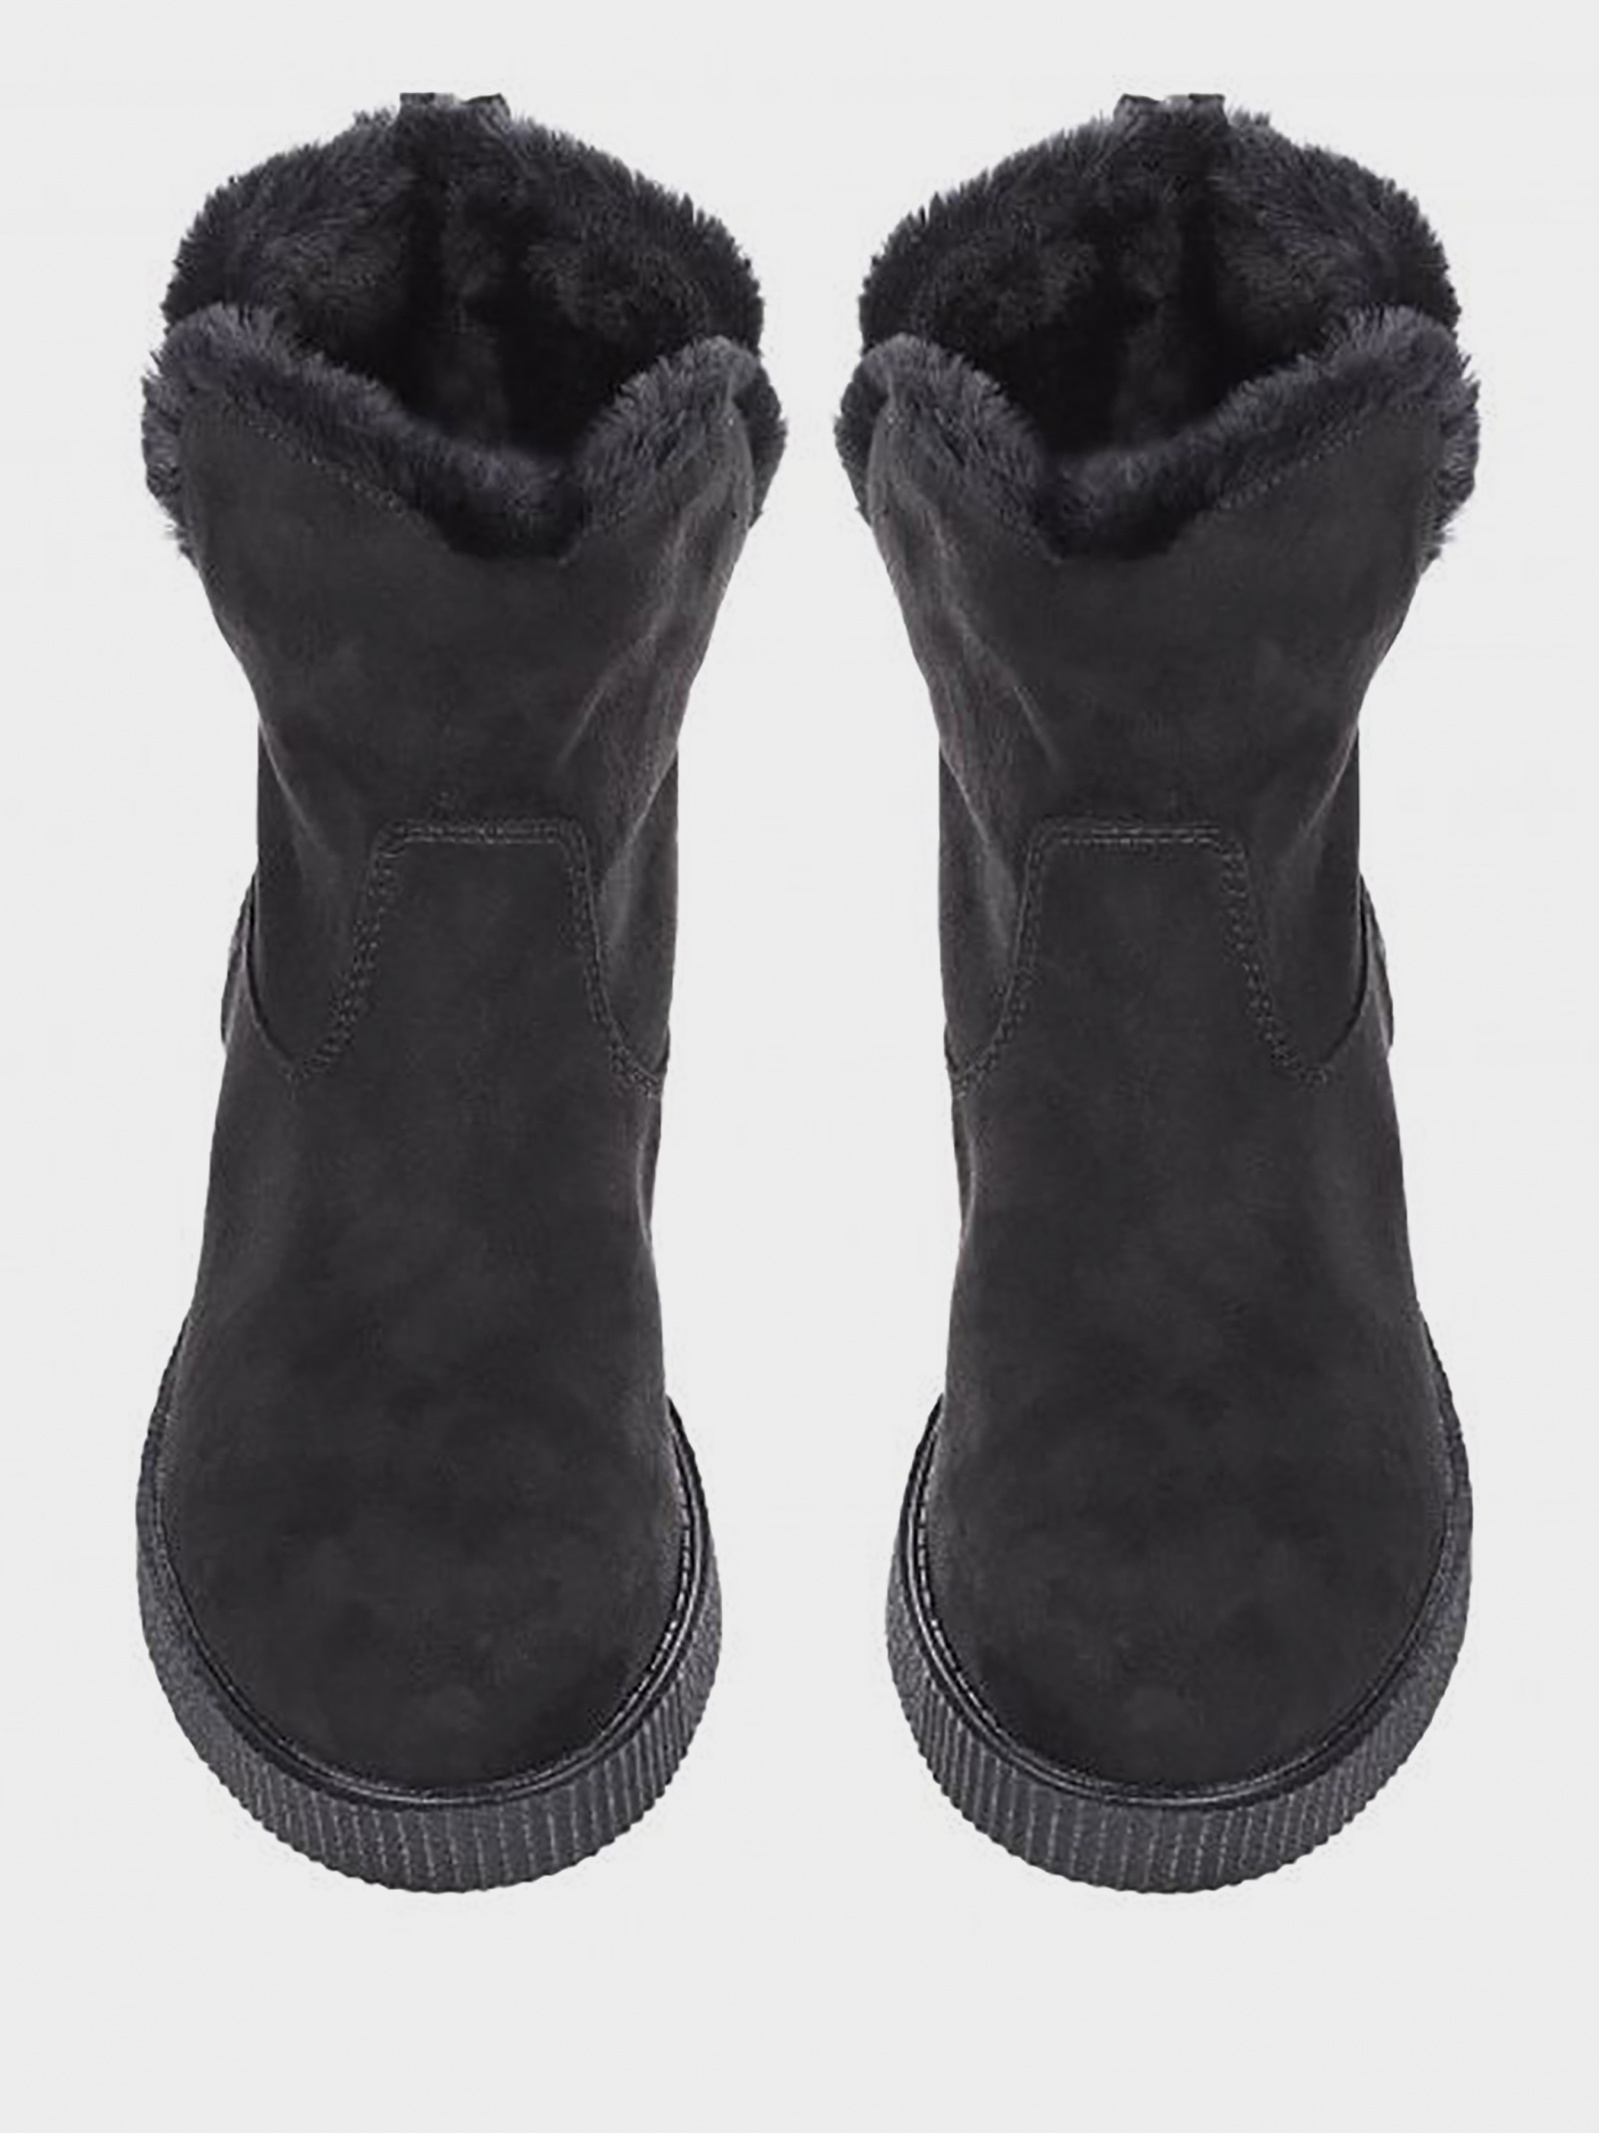 Чоботи  для жінок S.Oliver 26411-21-001 BLACK продаж, 2017